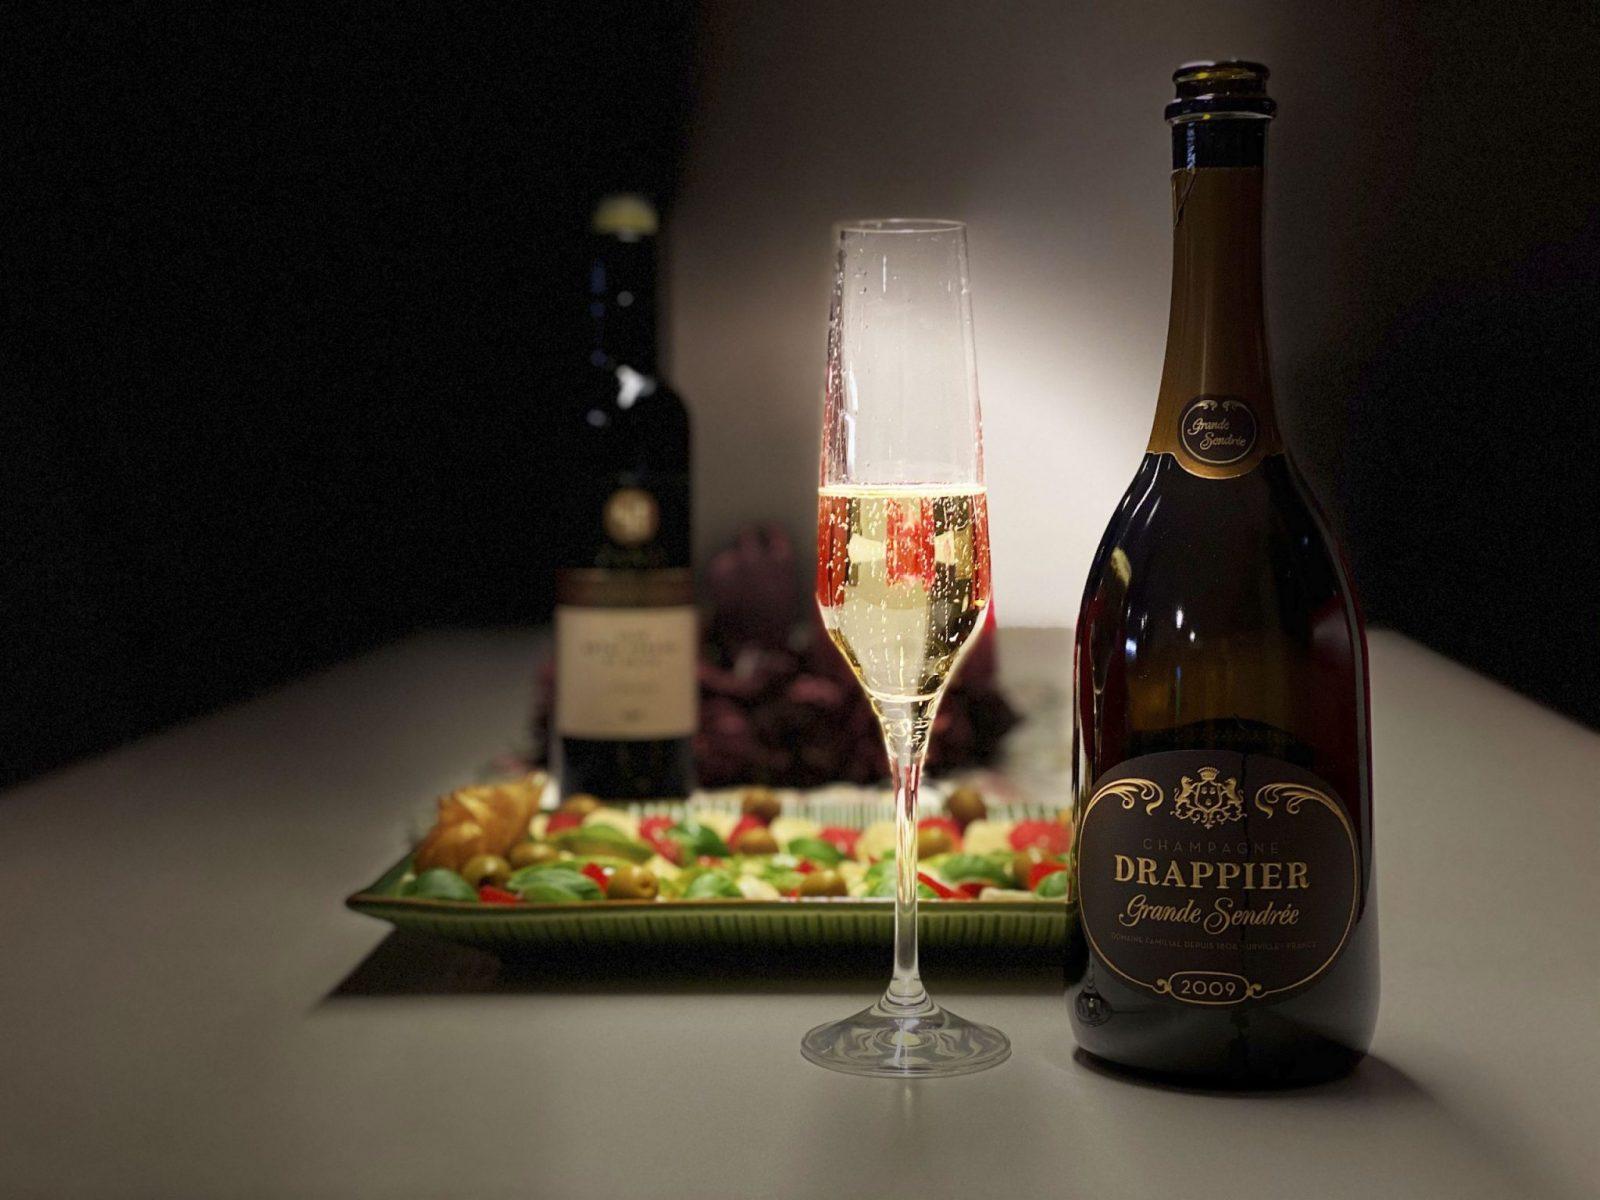 Pripime si štýlovo na nový rok 2021, čo sa hodí na nezabudnuteľný prípitok, vinoteka Sunnywines, Champagne, Prosecco, Crémant d'Alsace, Cava, Degustácia vín, komentované ochutnávky, vinoteka bar Sunny wines Slnečnice mesto Bratislava Petržalka